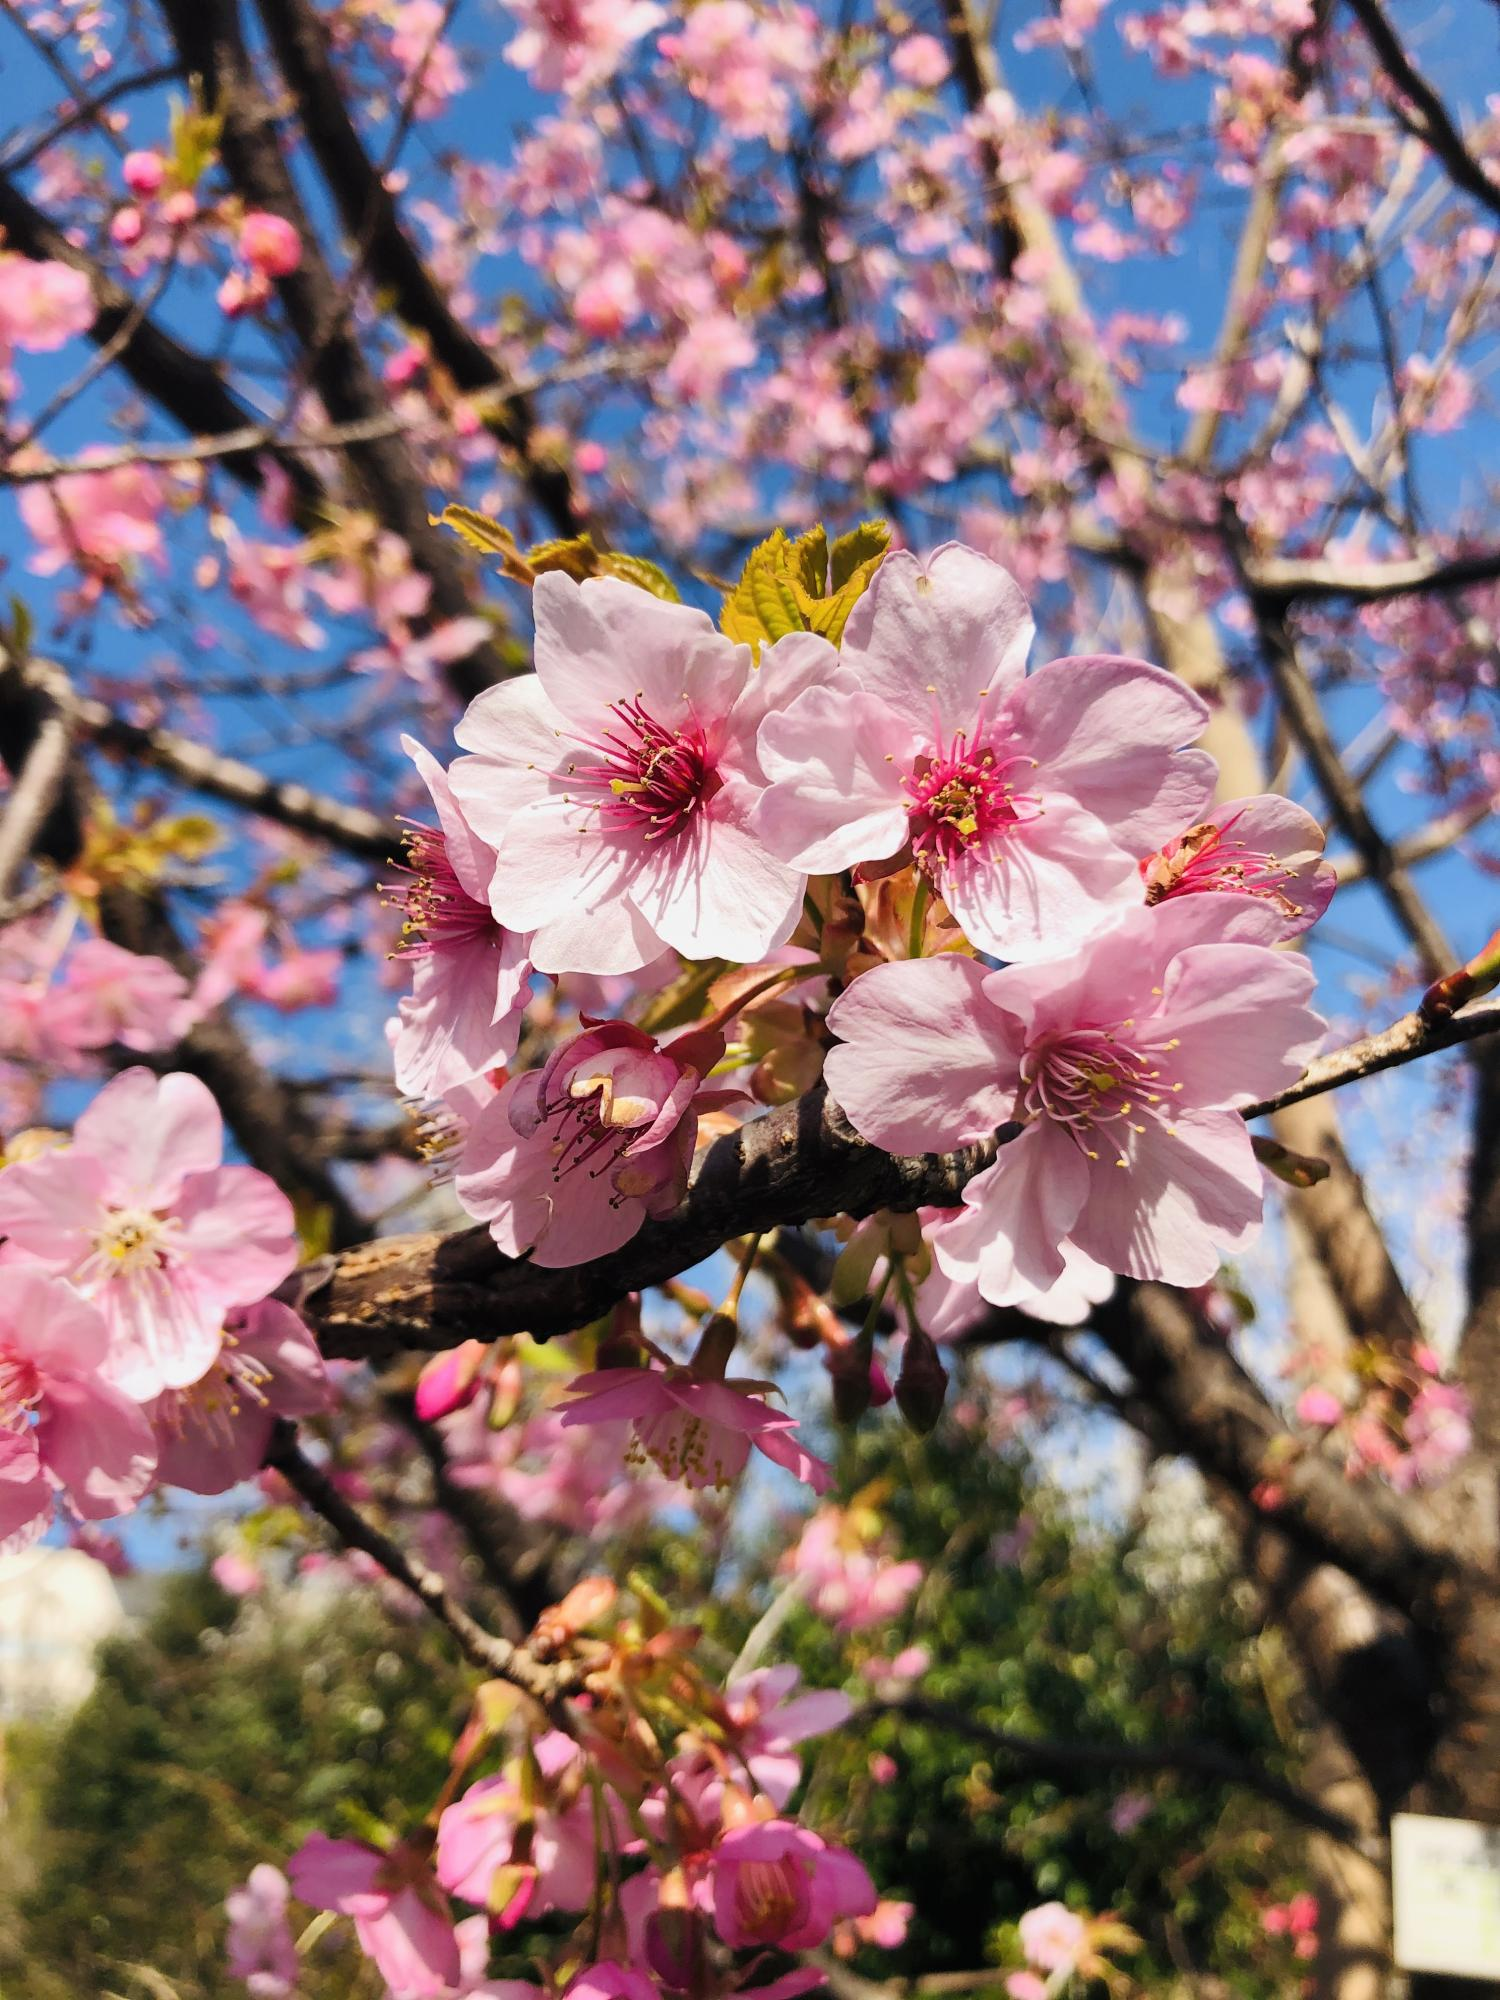 매화나무 숲 공원의 가와즈 벚꽃 이미지